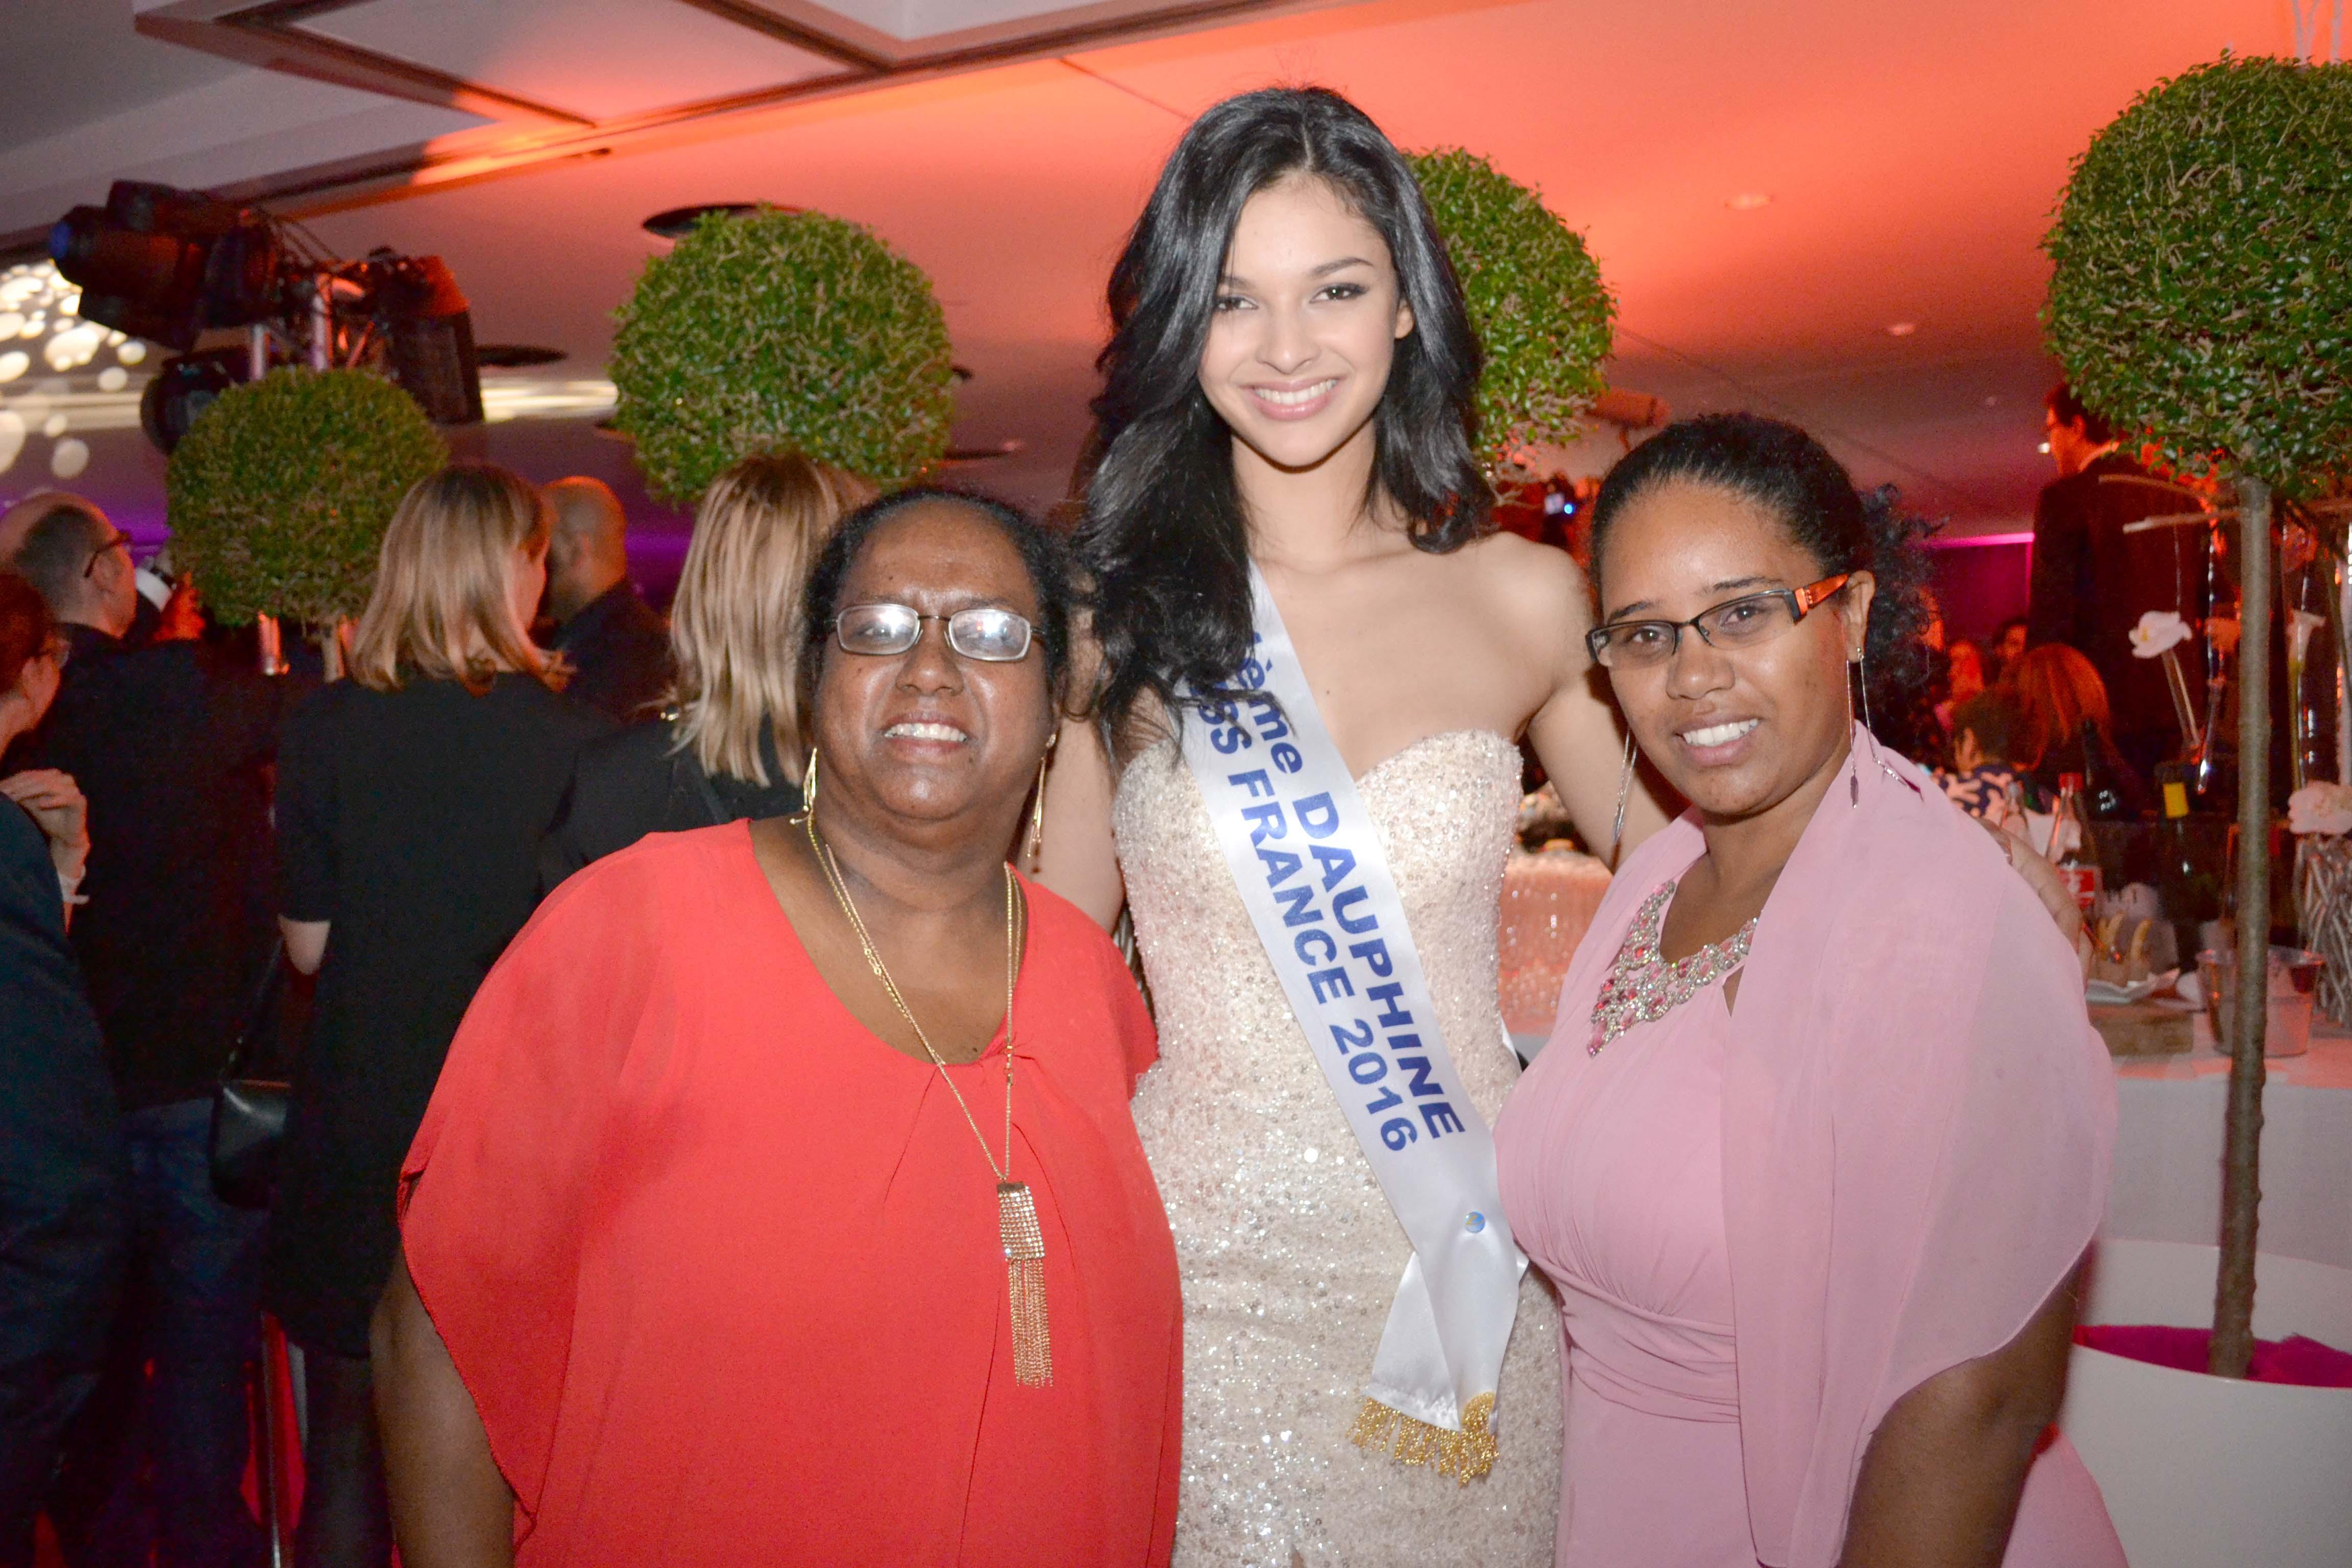 Azuima Issa avec Nathalie Damour et Ingrid Uyttenhove, gagnantes du jeu L'Oréal Réunion. Elles ont assisté à la finale Miss France tous frais payés, un superbe cadeau!